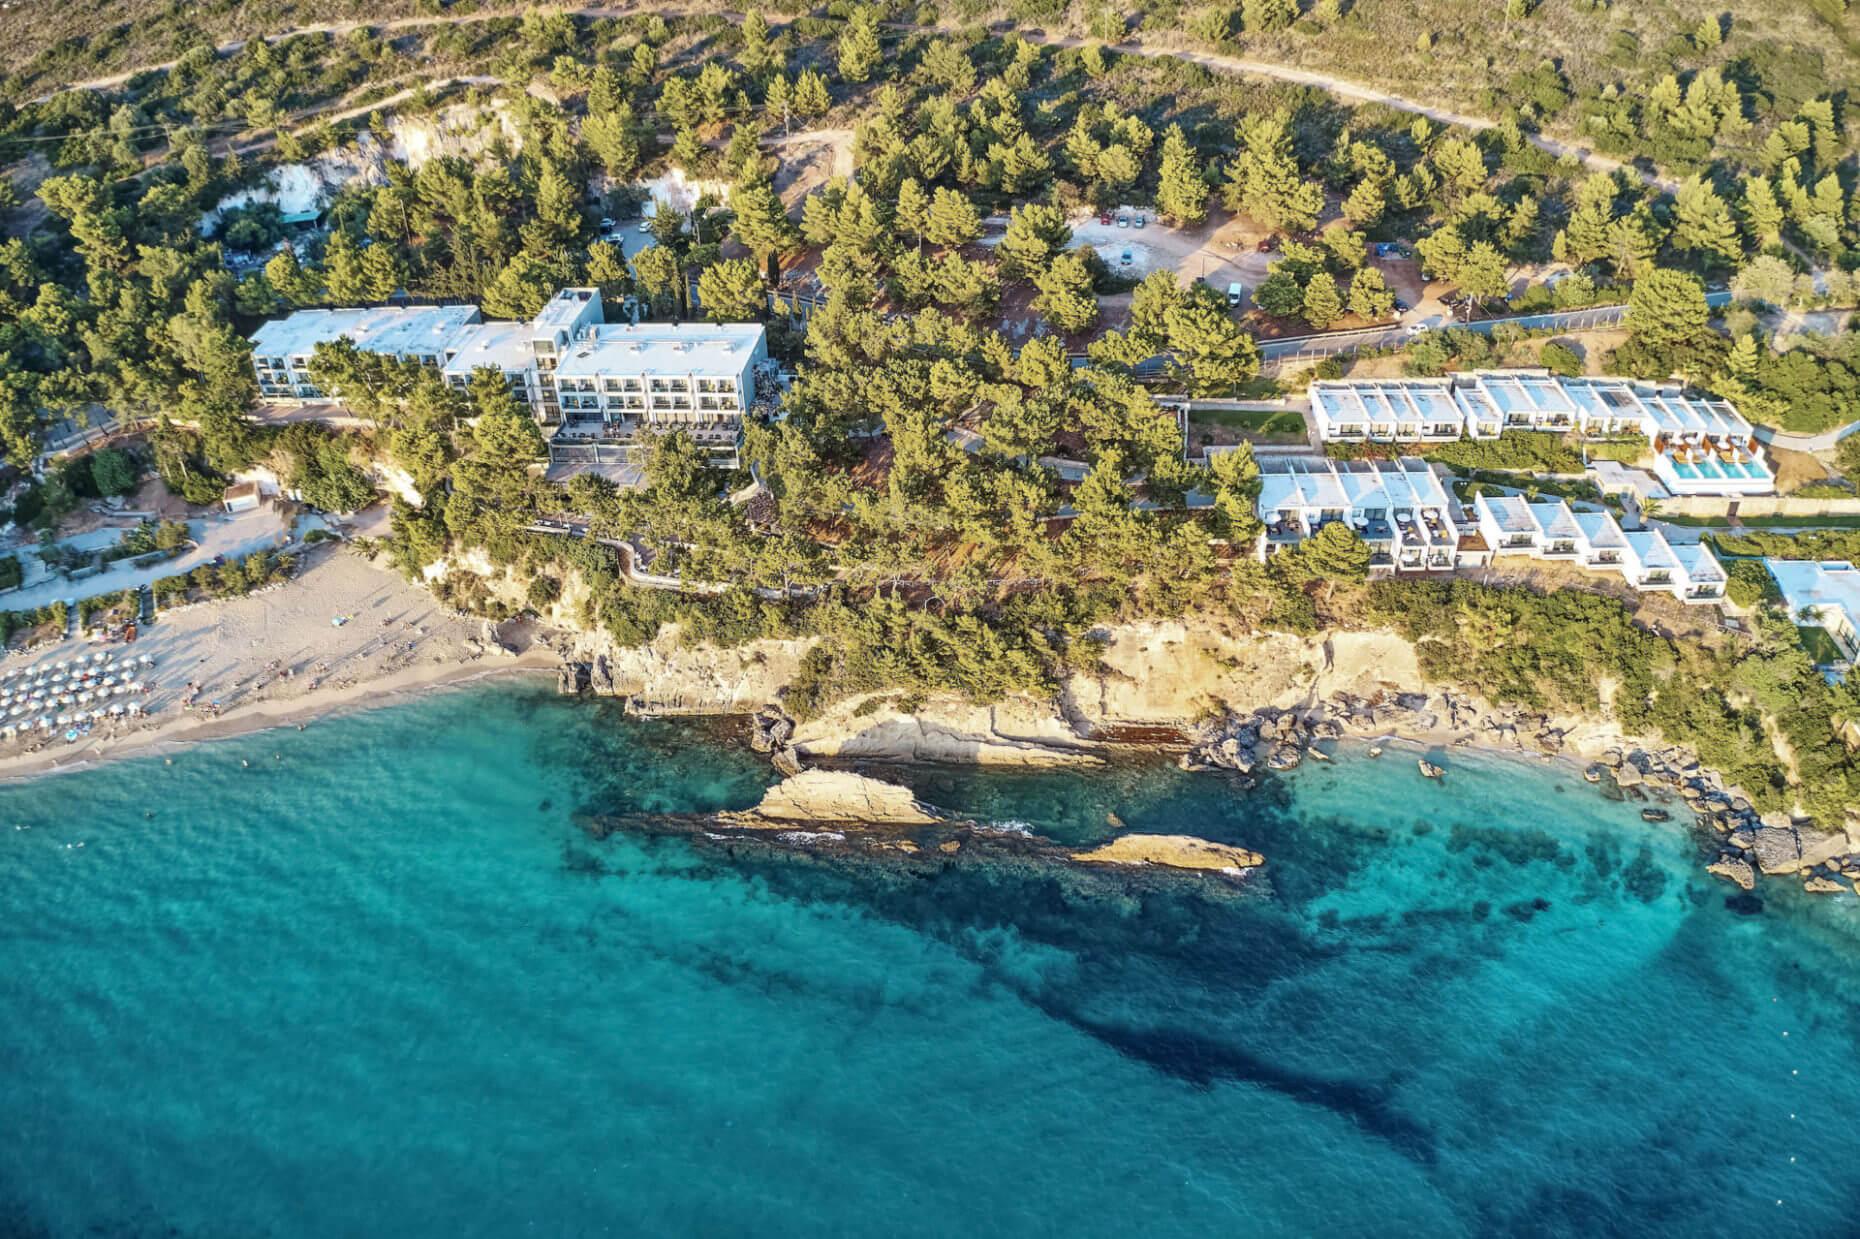 Hotel White Rocks